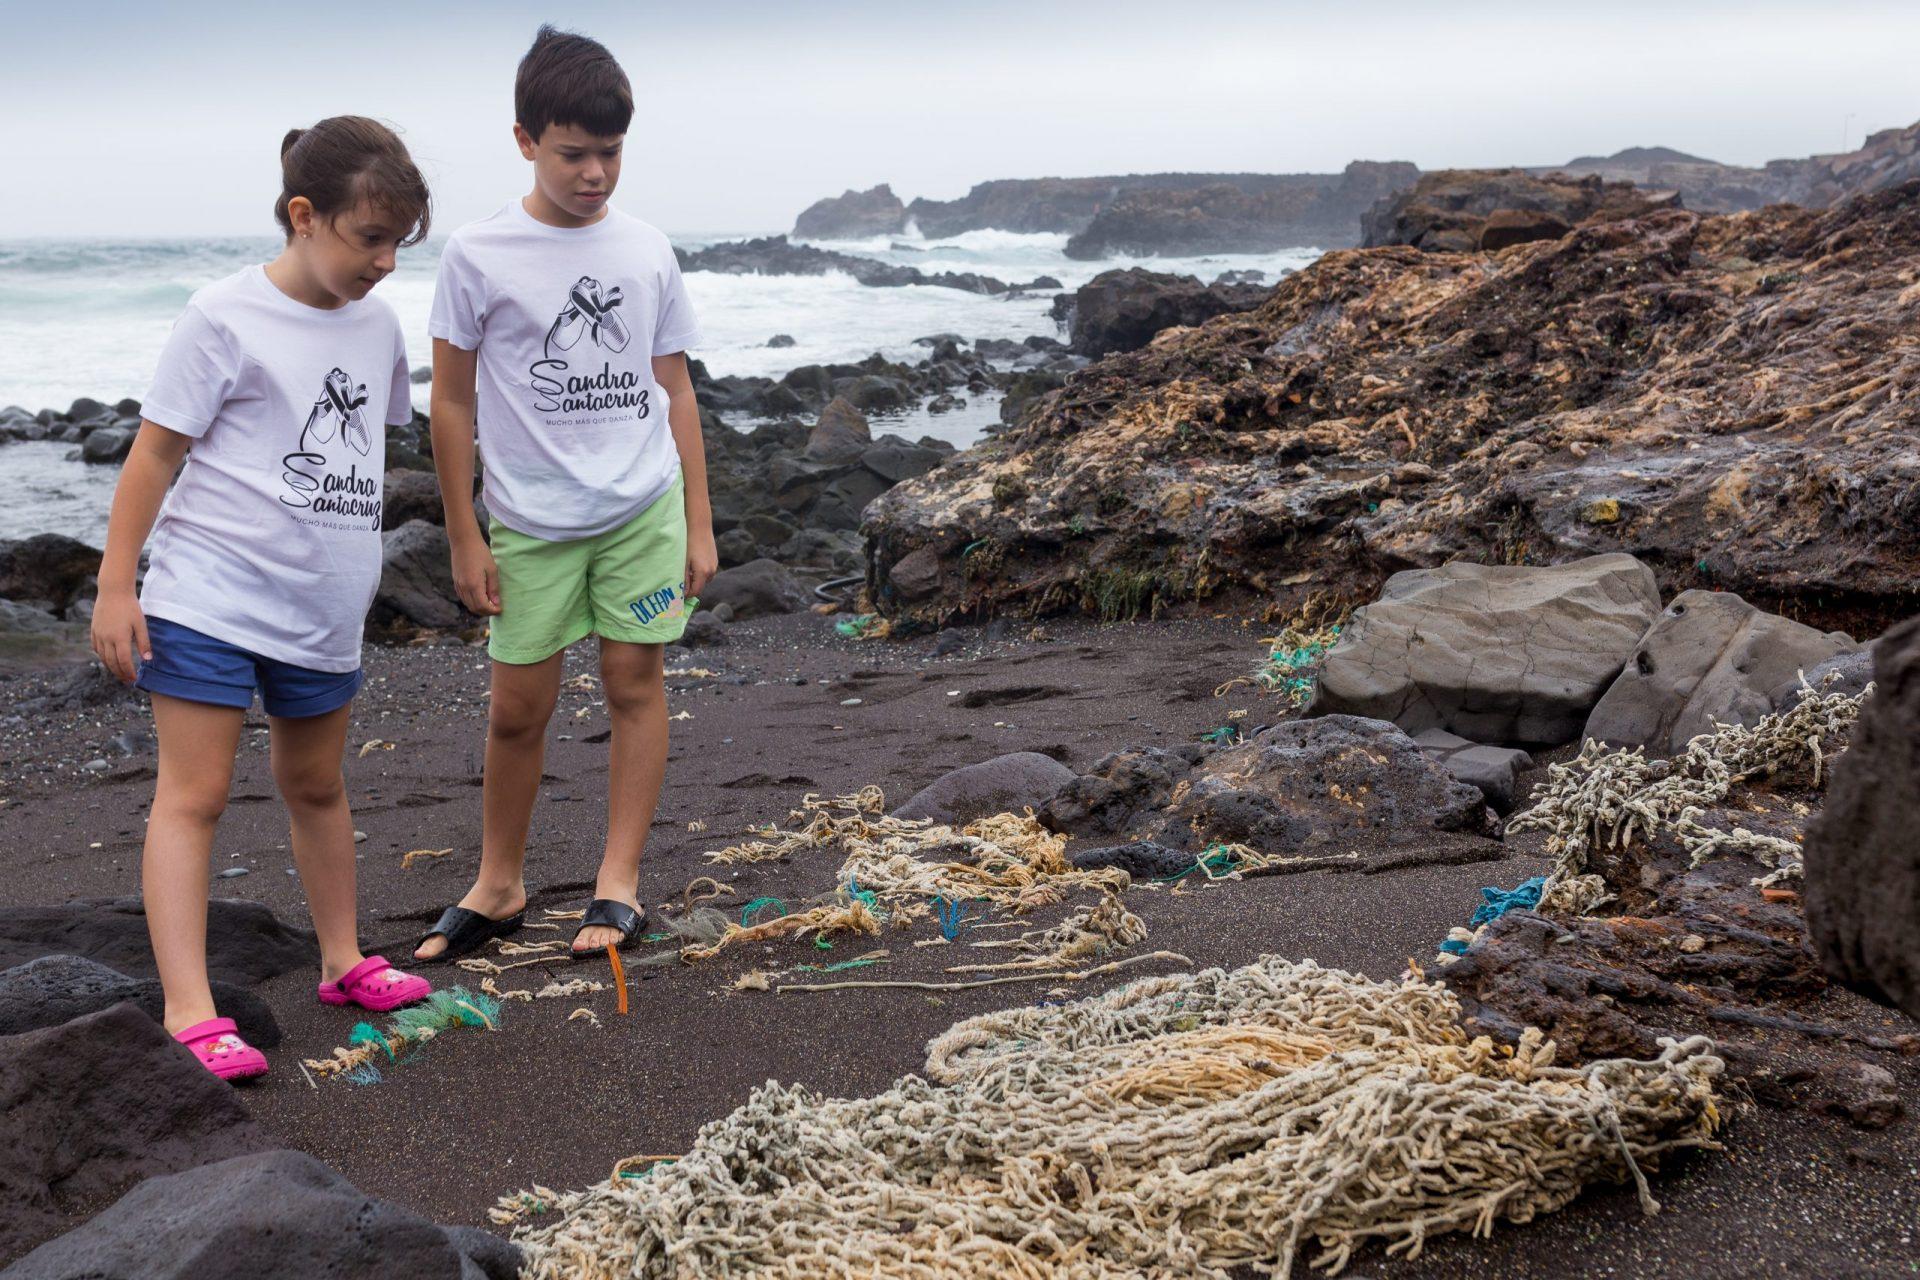 """Foto de un niño y una niña en una playa en Gran Canaria mirando entre asombrados y entristecidos como redes y desechos tirados por el hombre se han ido integrando con el paso del tiempo y se mimetizan con el entorno, convirtiéndose ya en parte de las rocas. Es desolador que hayamos formando un triste entorno que con responsabilidad podemos evitar. Para celebrar el Día Internacional del Libro Infantil y Juvenil de 2021 Sandra Santa Cruz, autora de """"Si los peces hablaran...""""  hace una campaña de concienciación sobre la contaminación marina con alumnado de su Centro de Danza  Sandra Santa Cruz (del que es directora y profesora) que lleva puesta la camiseta del Centro, ya que llevan desde el 2016 trabajando en este proyecto que nace gracias a la filosofía del Centro: """"Muchomasquedanza"""" que trabaja valores a través de la danza. Con esta fotografía de Ethel Bartrán buscamos que: ¡No te quedes de Aletas Cruzadas!"""